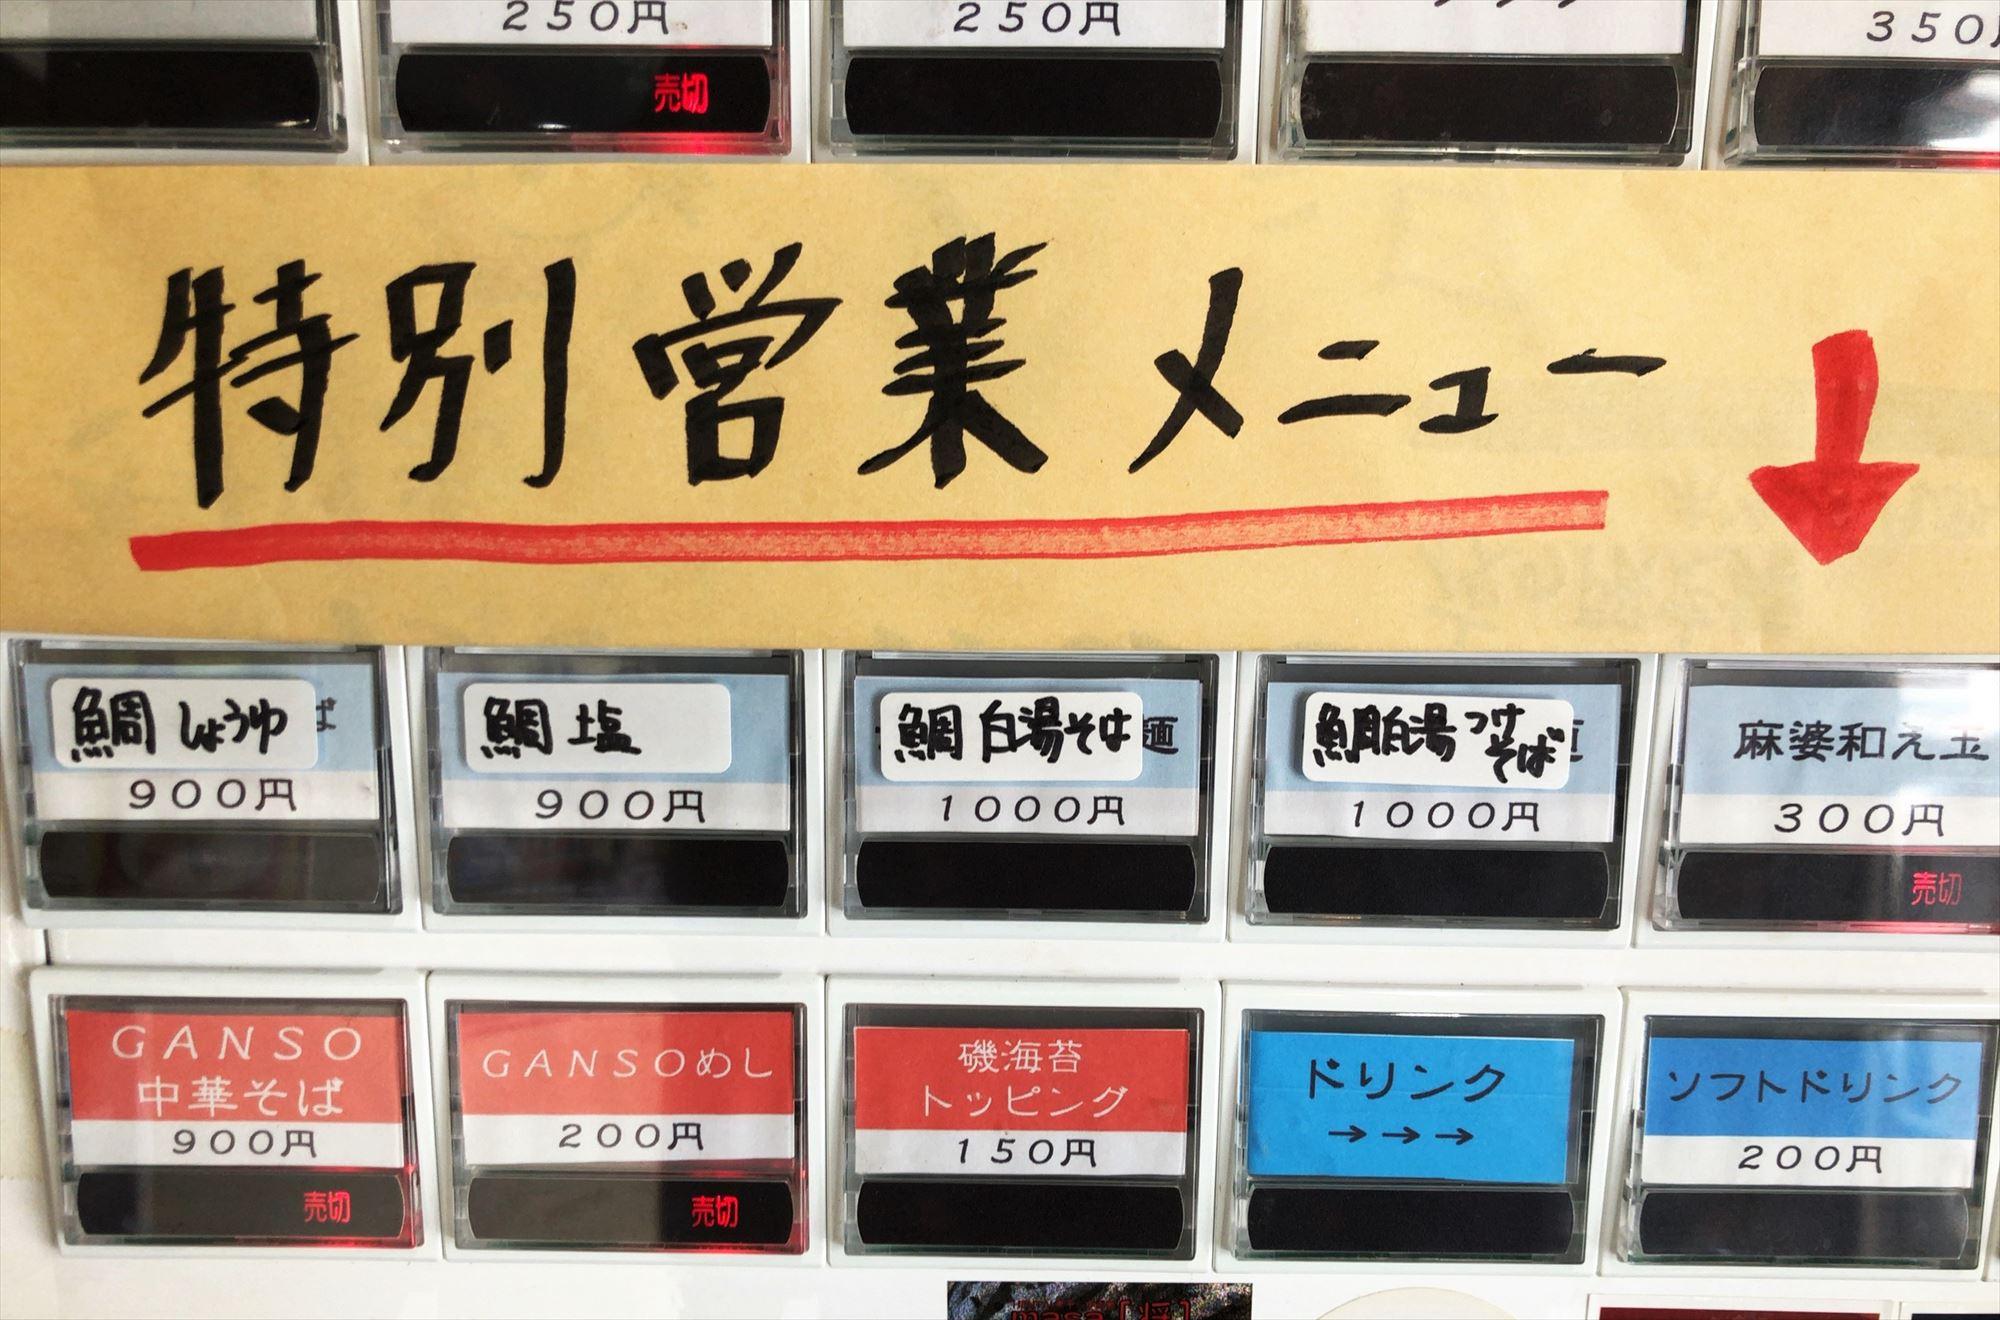 麺屋さすけの券売機